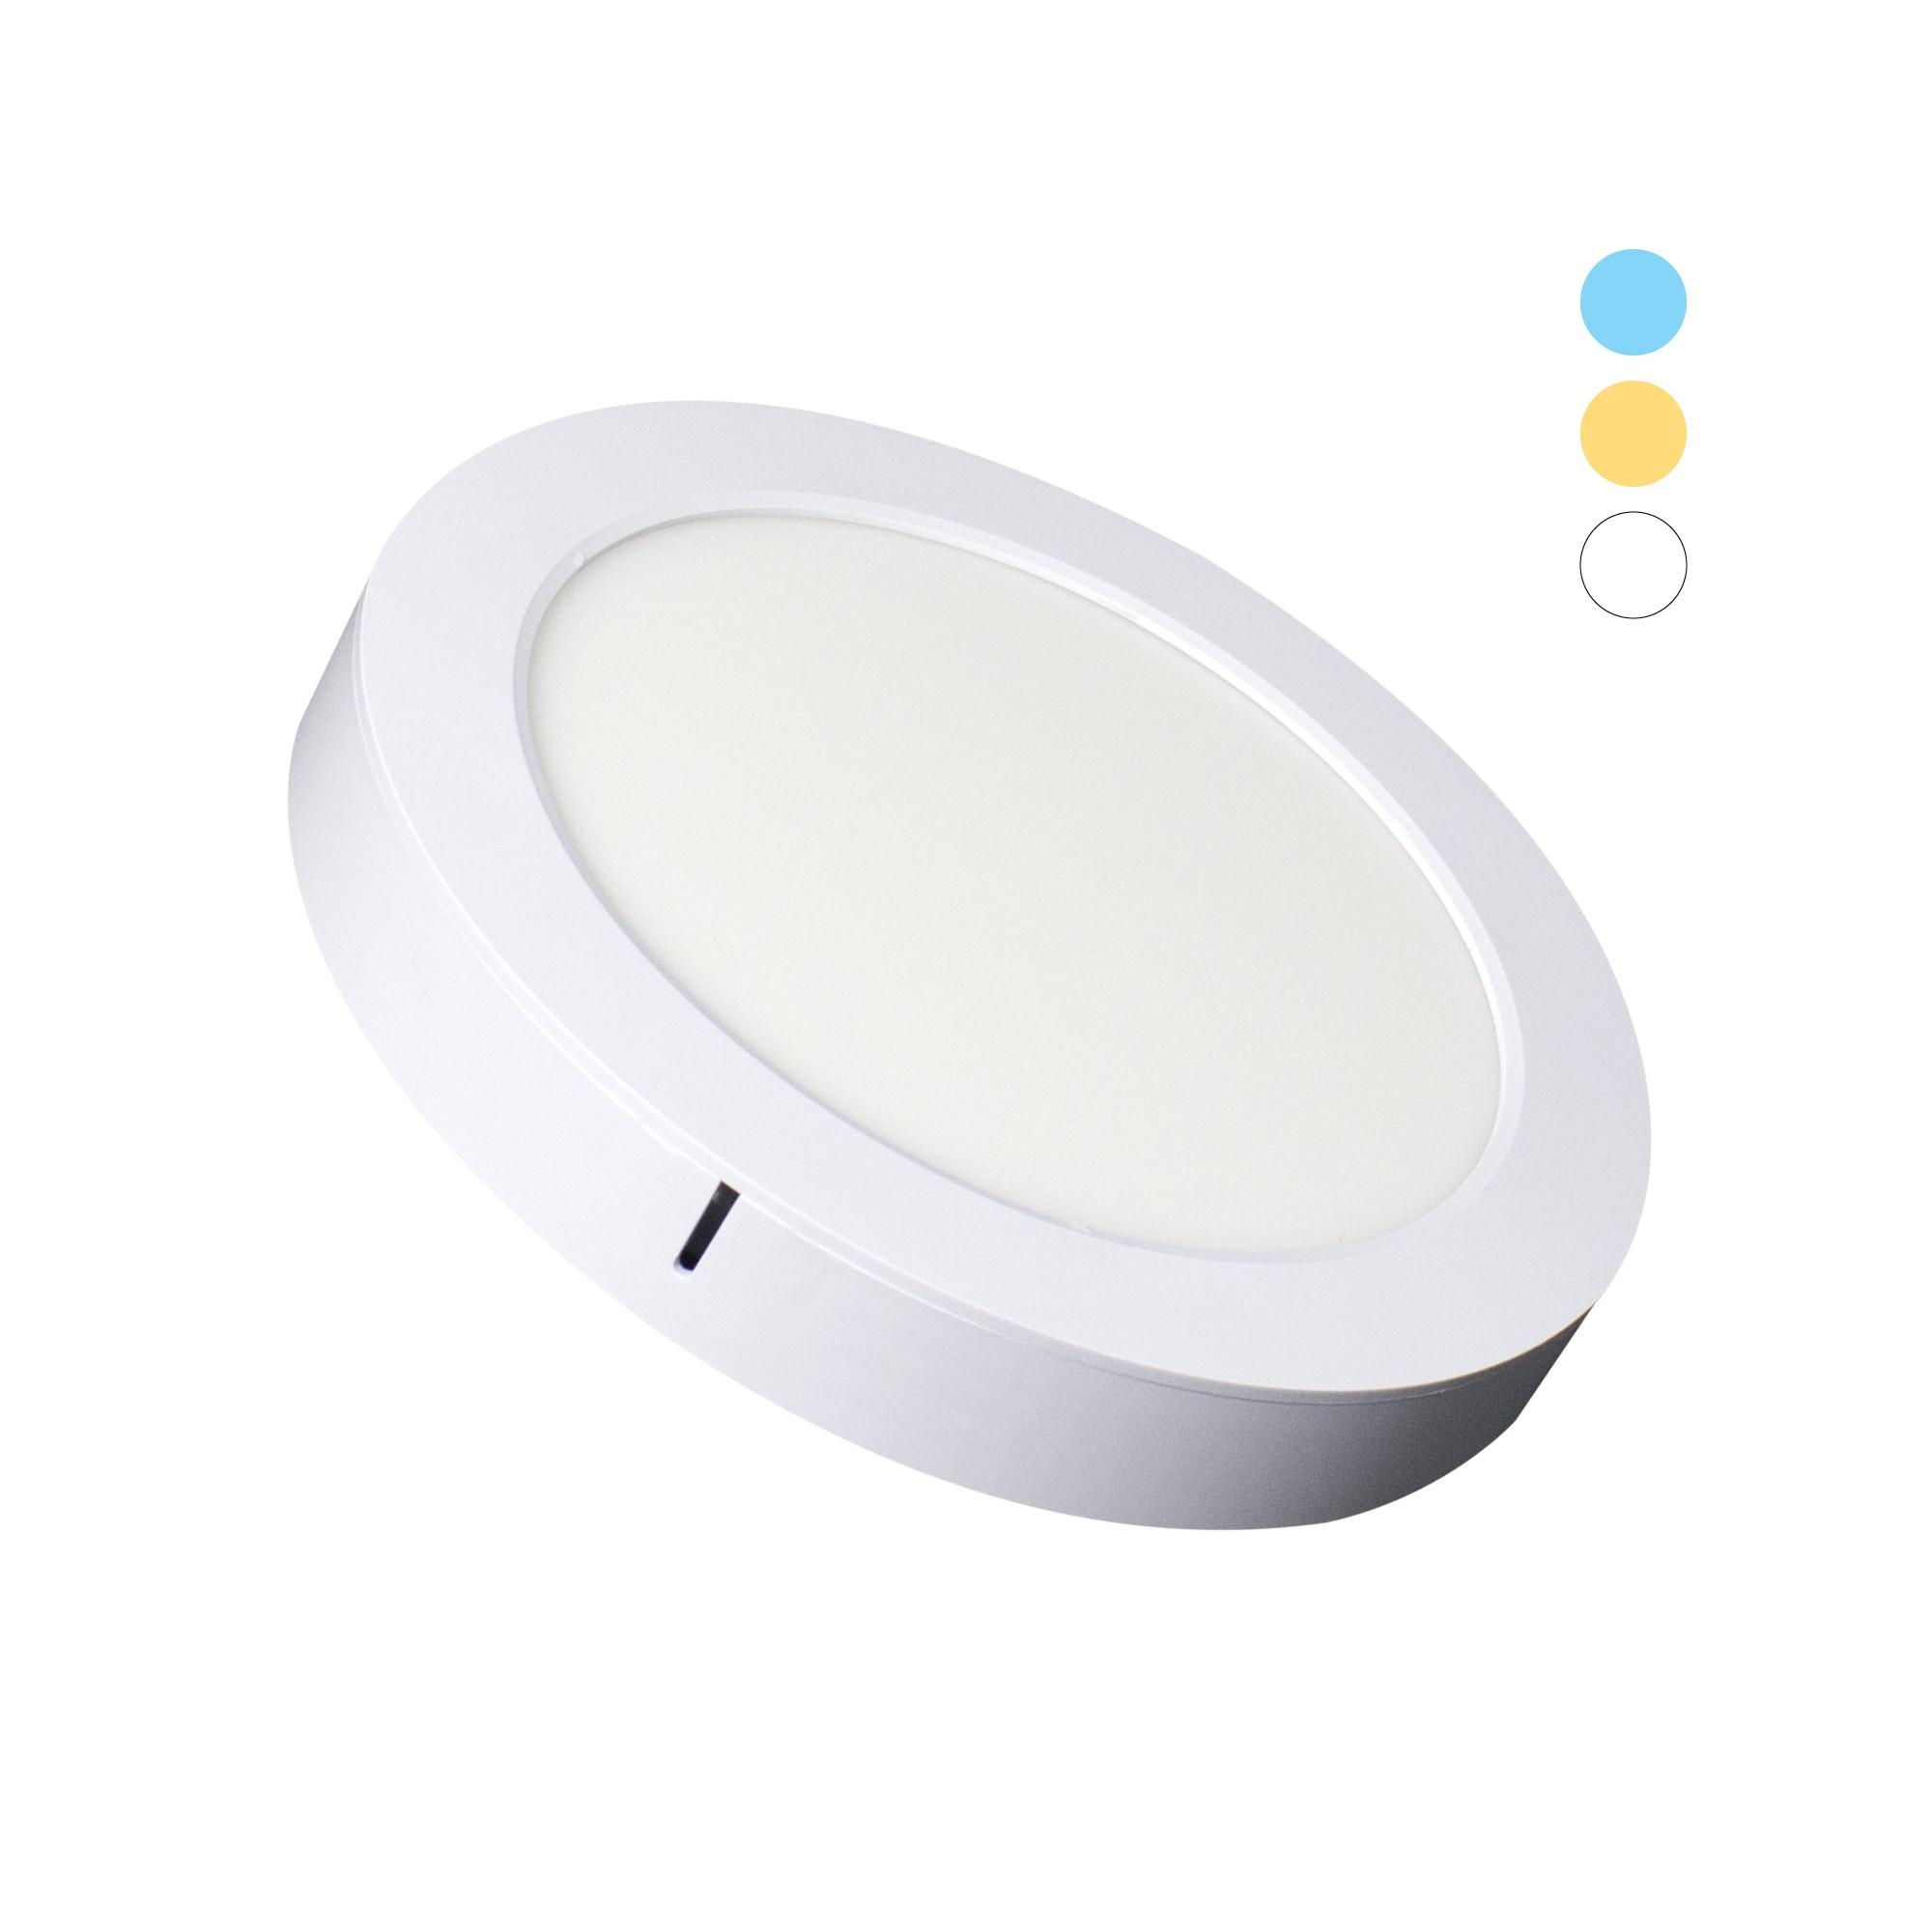 Painel LED Redondo 16W Tripla Tonalidade 1200lm - Ecoforce